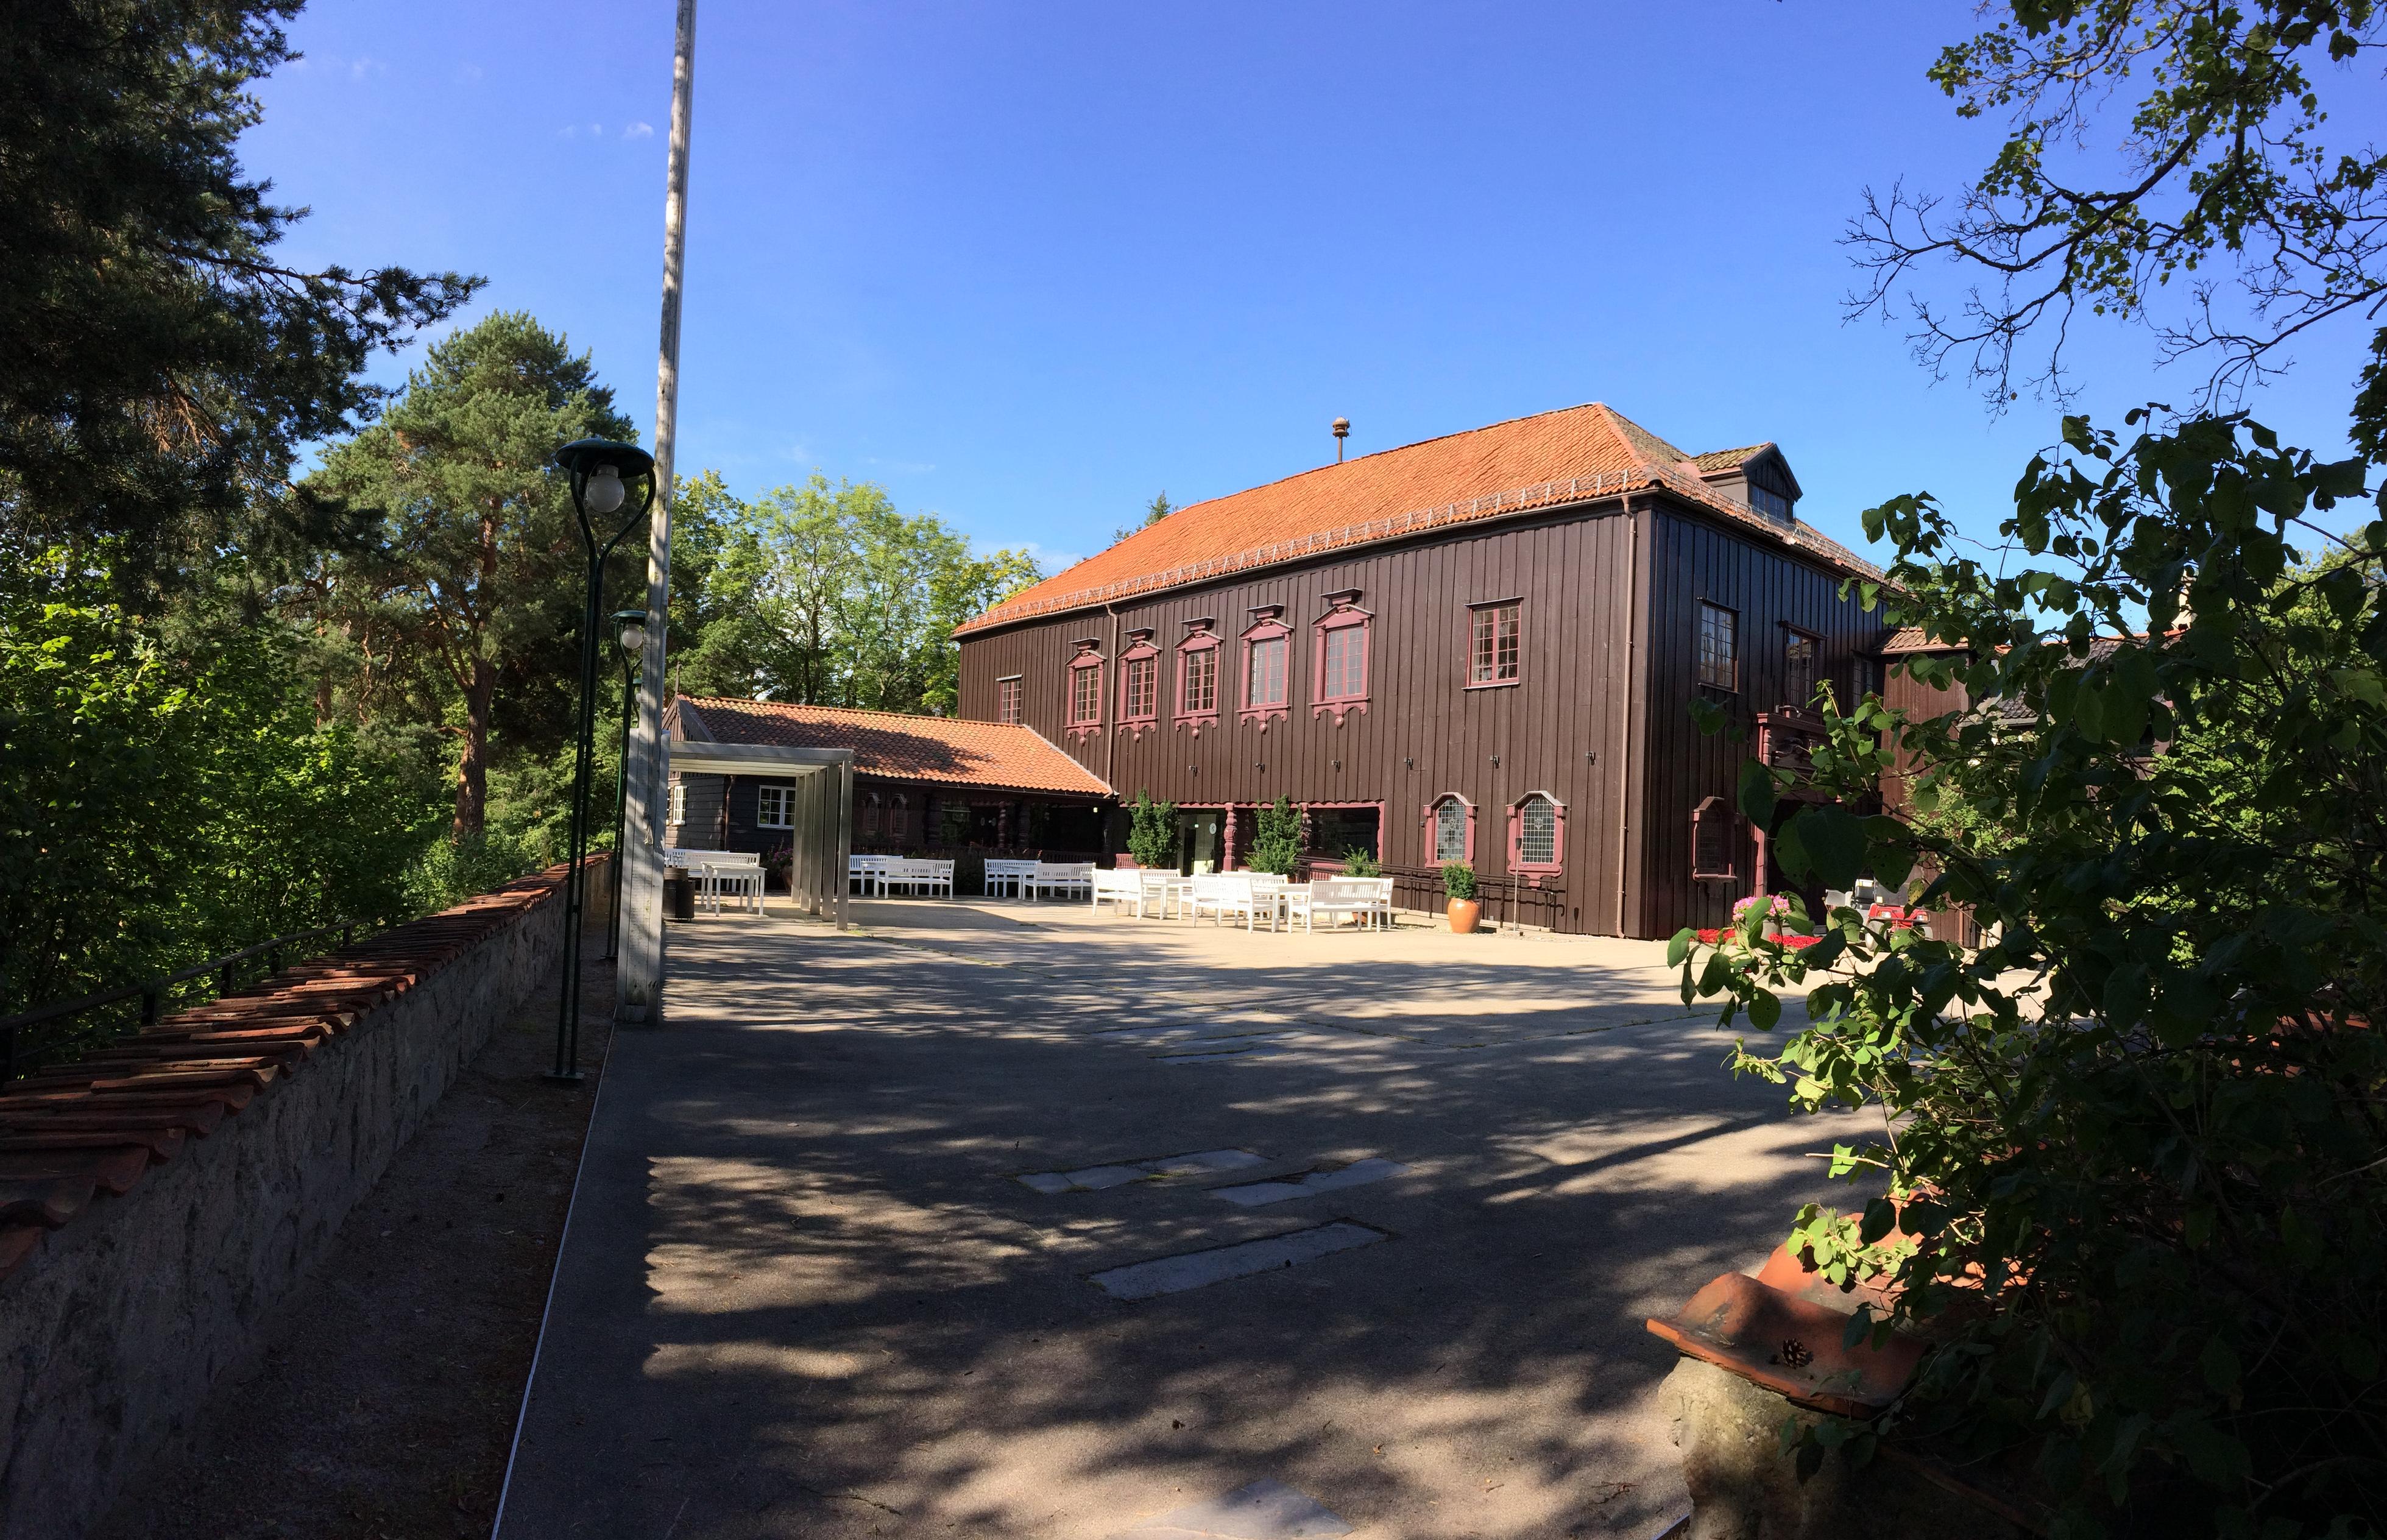 Lokaler for minnesamvær i Oslo, Gjestestuene på Norsk Folkemuseum